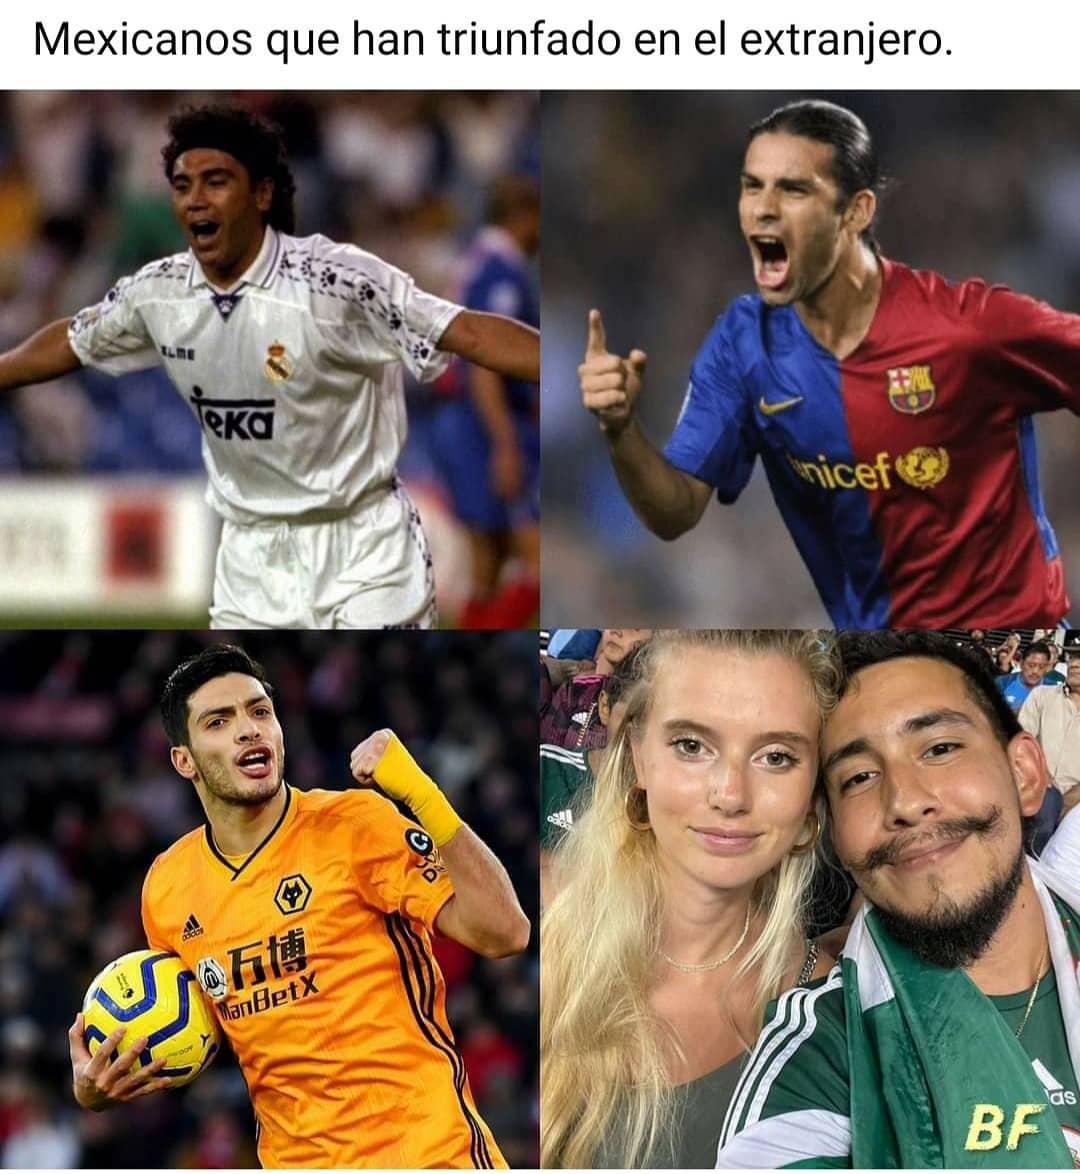 Mexicanos que han triunfado en el extranjero.